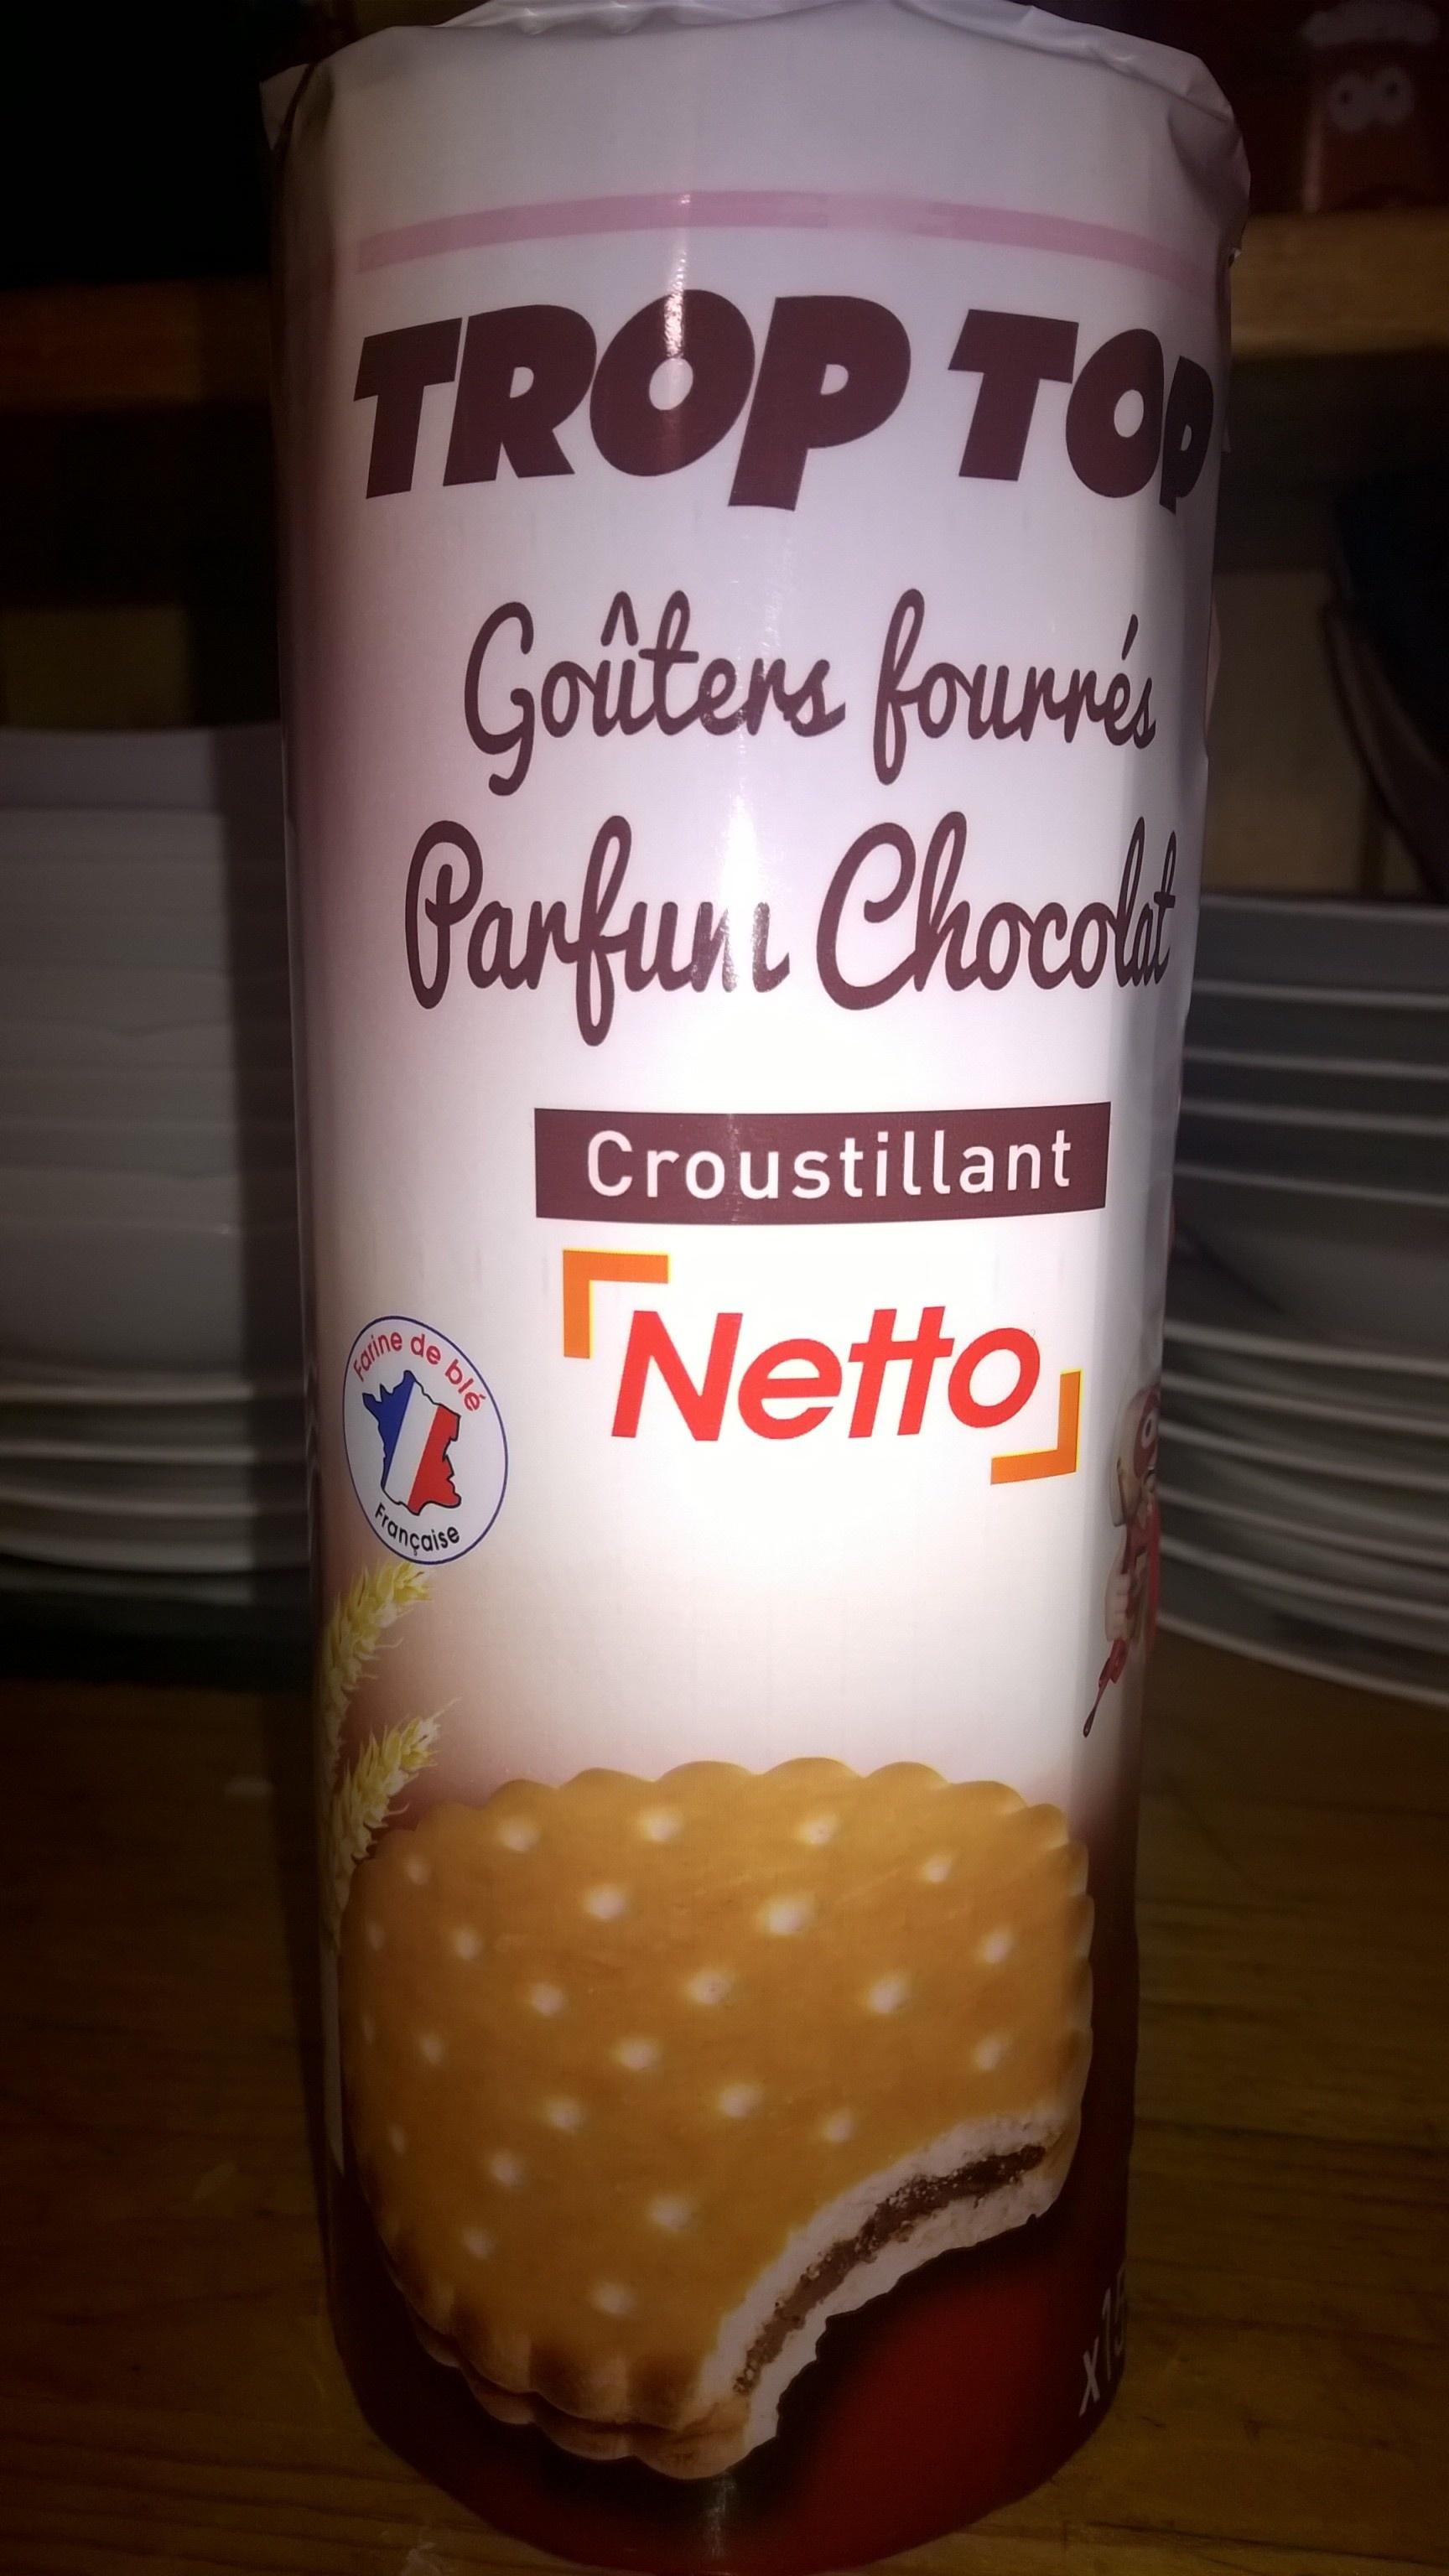 Trop Top Goûters Fourrés Parfum Chocolat - Product